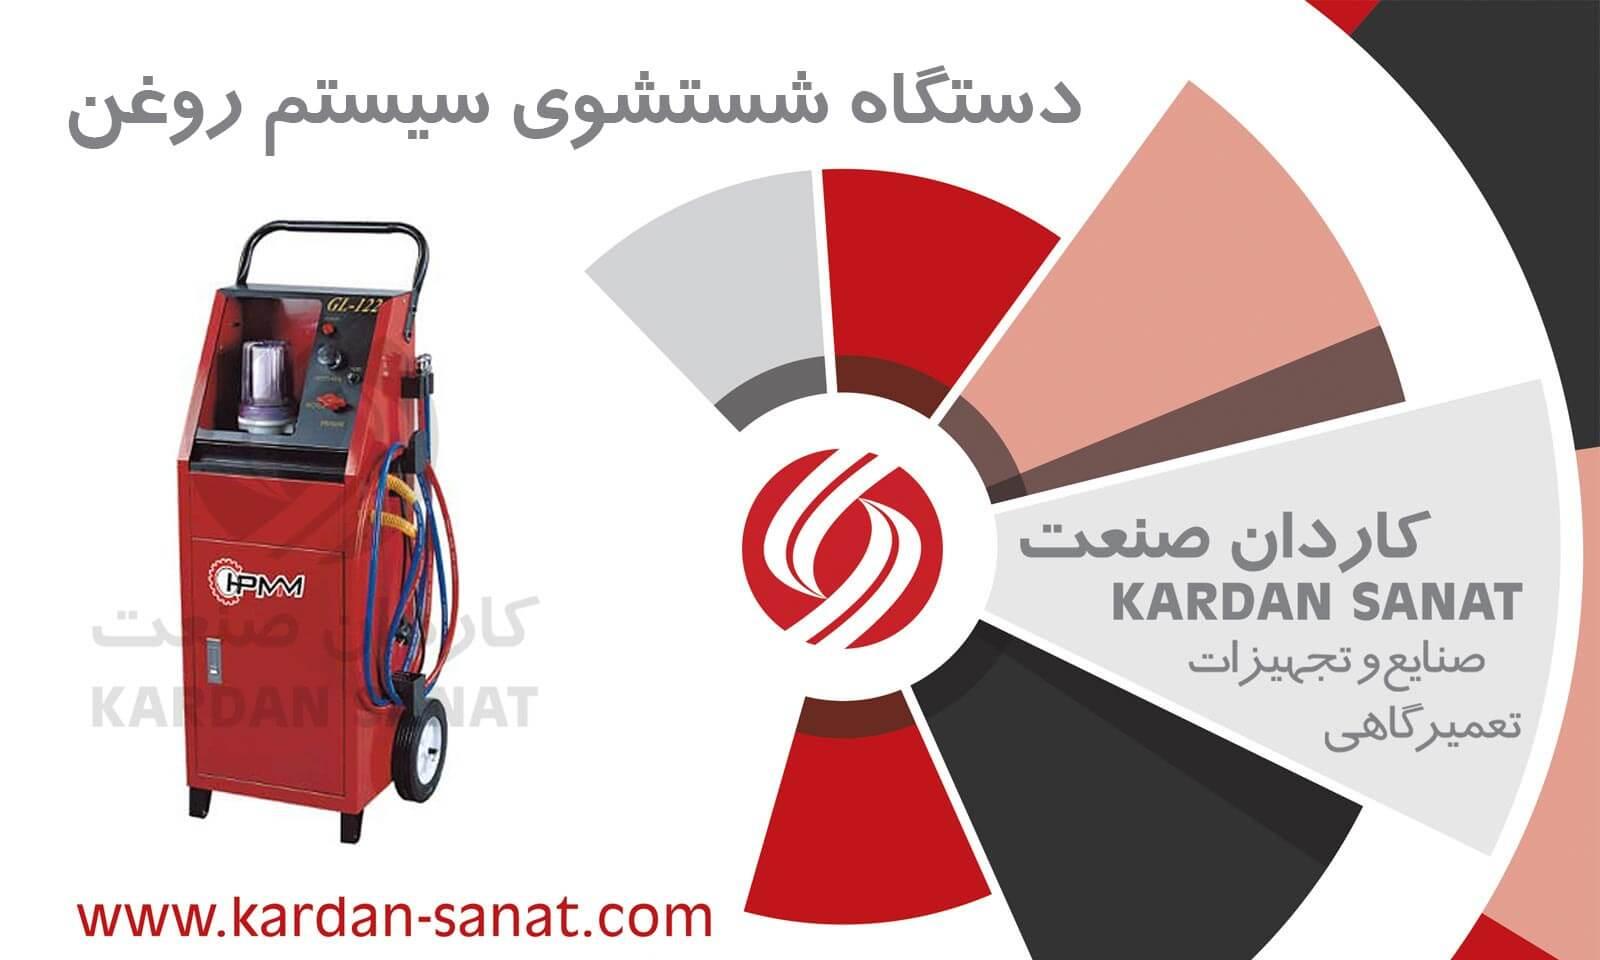 معرفی و فروش و قیمت دستگاه شستشوی سیستم روغن کاردان صنعت